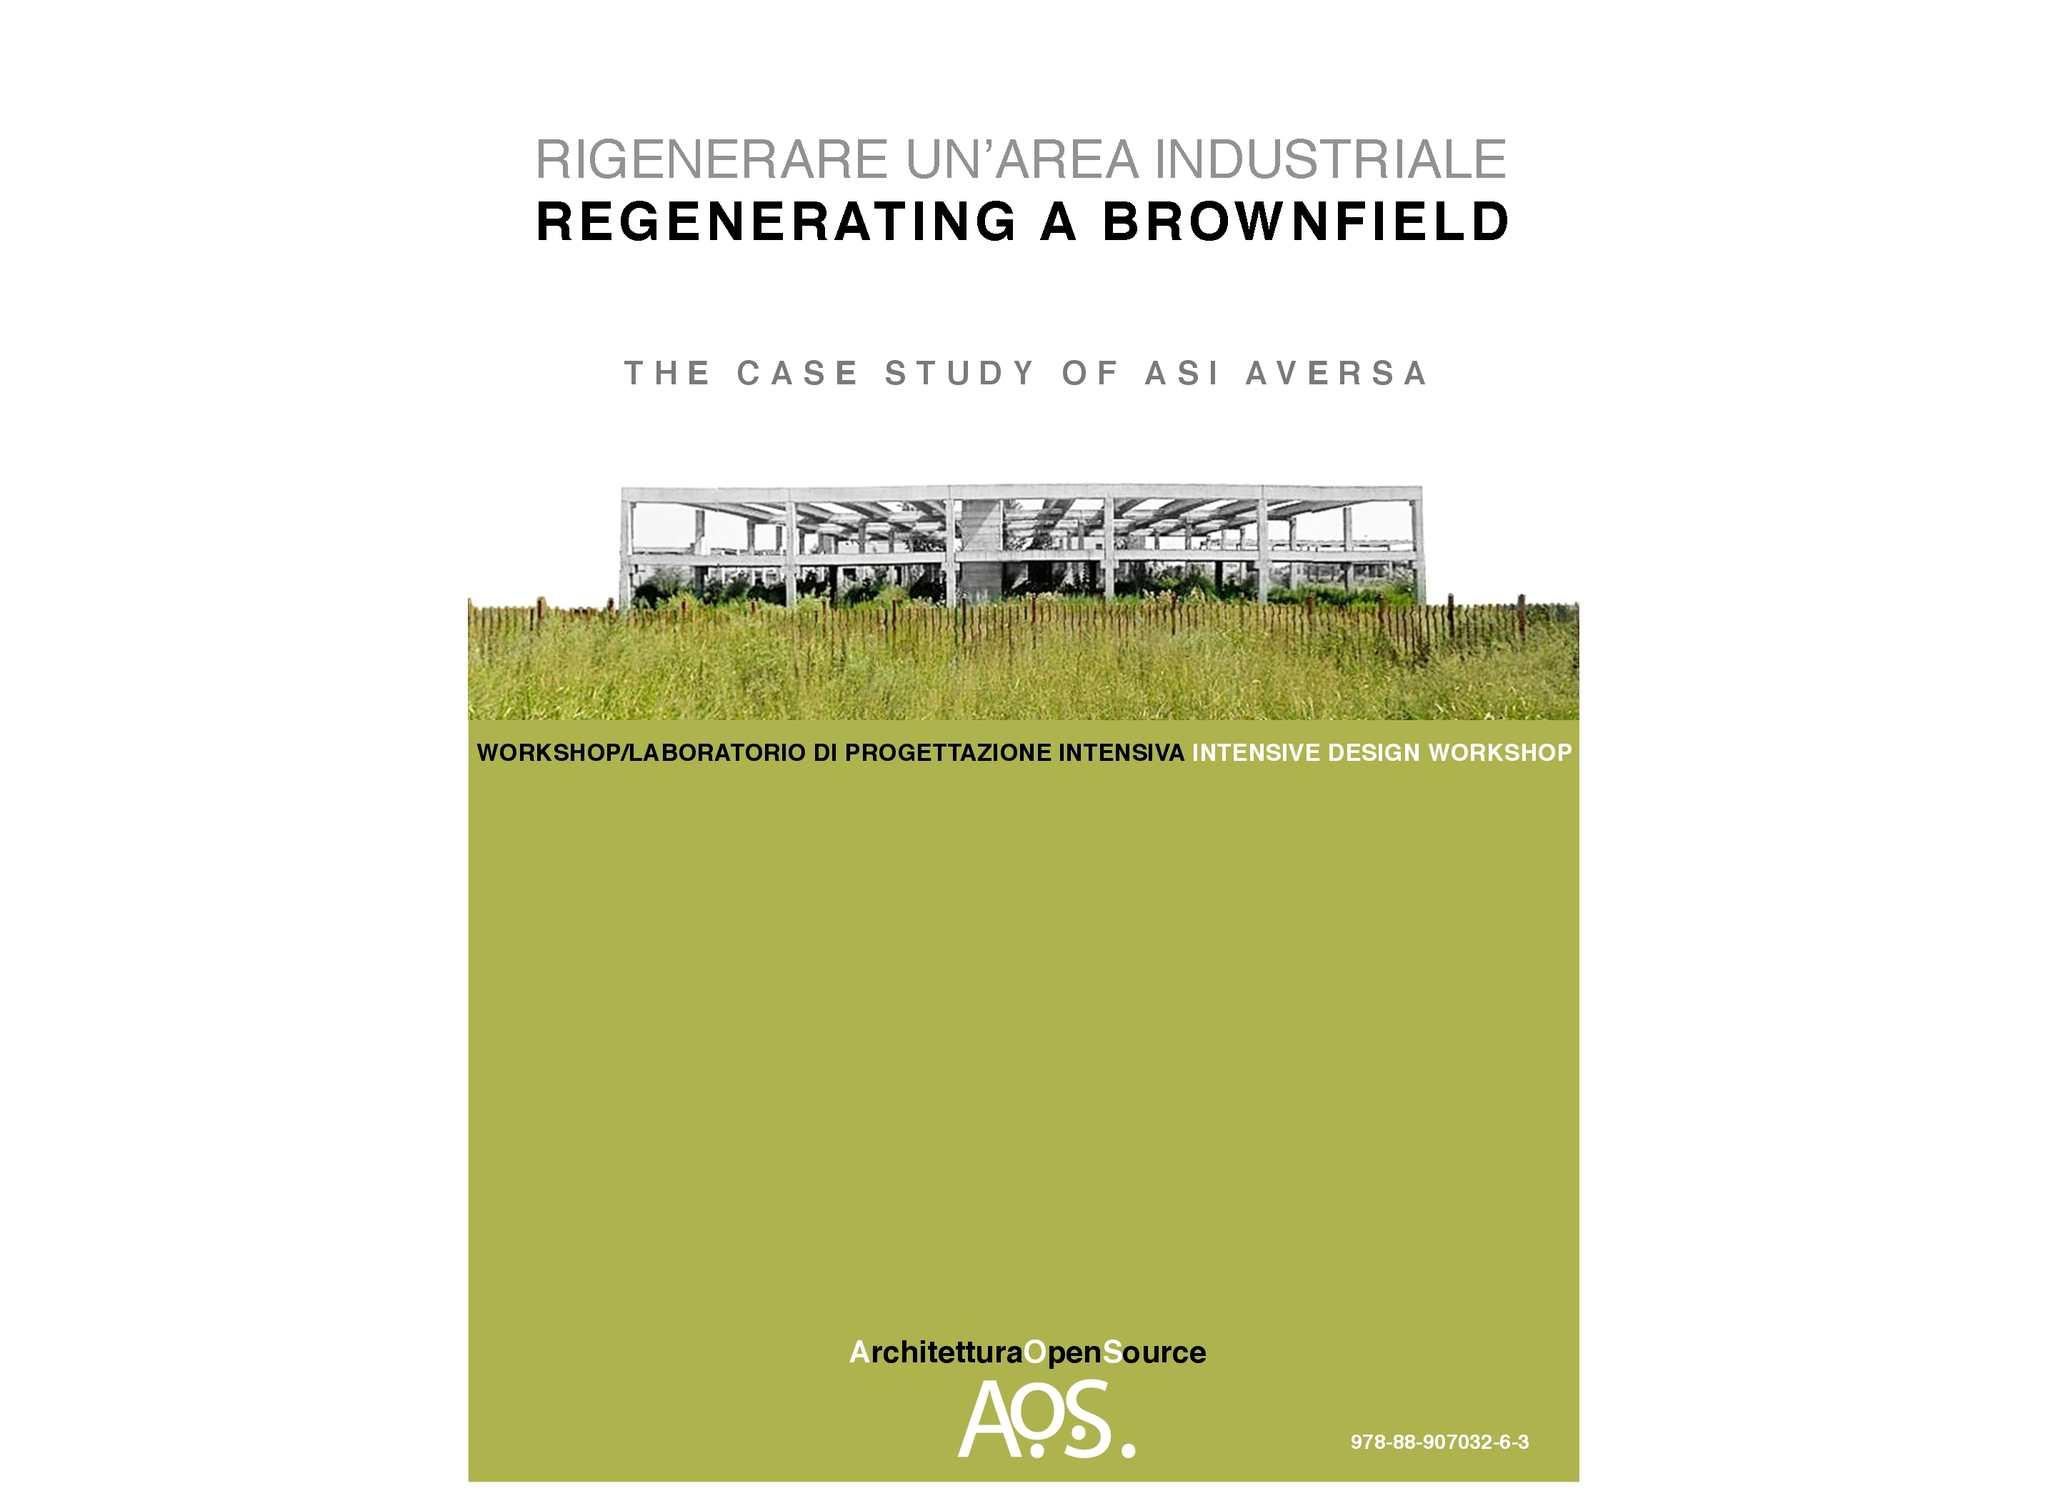 RIGENERARE UN'AREA INDUSTRIALE REGENERATING A BROWNFIELD THE CASE STUDY OF ASI AVERSA WORKSHOP/LABORATORIO DI PROGETTAZIONE INTENSIVA INTENSIVE DESIGN WORKSHOP a cura di Agrippino Graniero